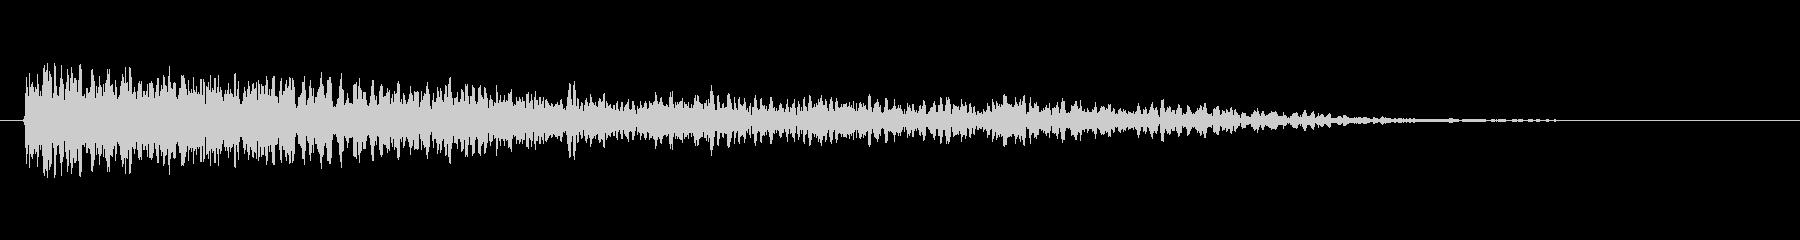 「ガーン(アクセント音)」の未再生の波形